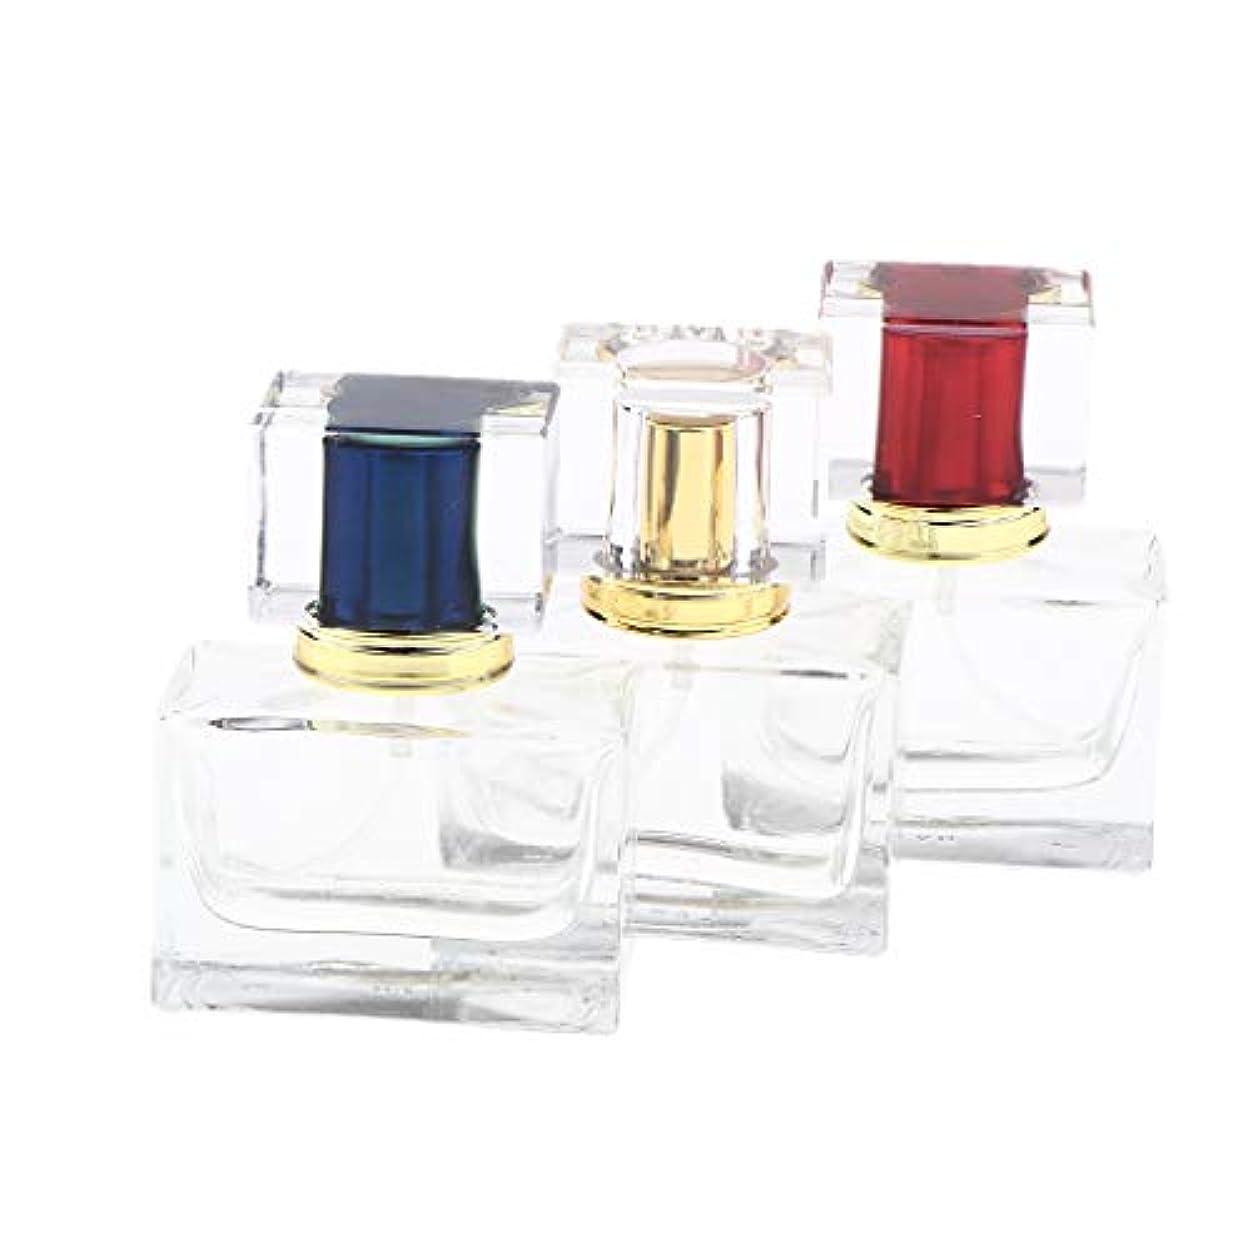 広々強い内向き香水アトマイザー スプレーボトル 詰め替え容器 香水瓶 小型 旅行 持ち運び ロック可能 30ML